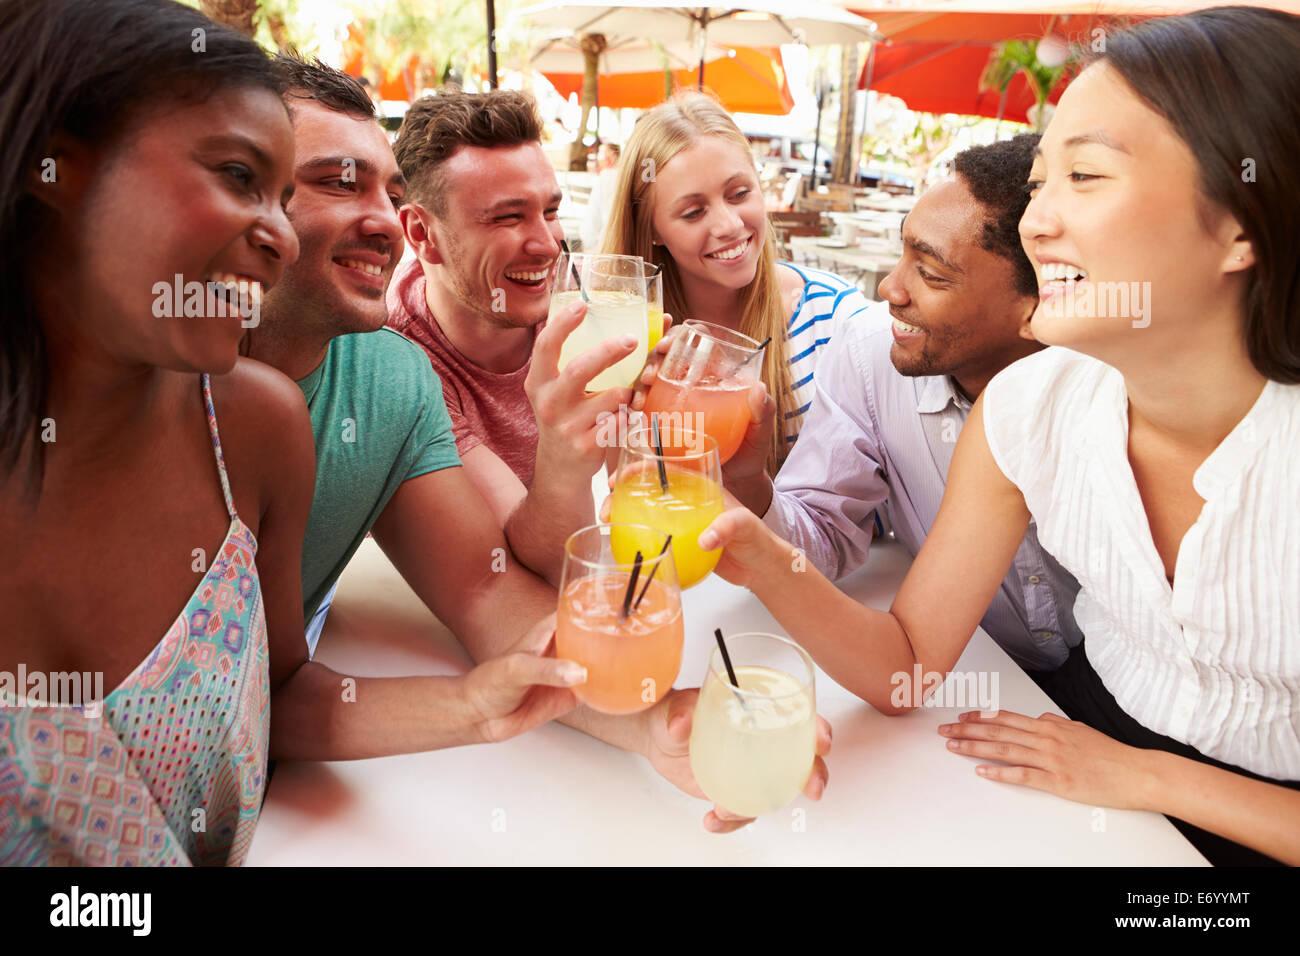 Gruppe von Freunden genießen Sie Getränke im Restaurant unter freiem ...